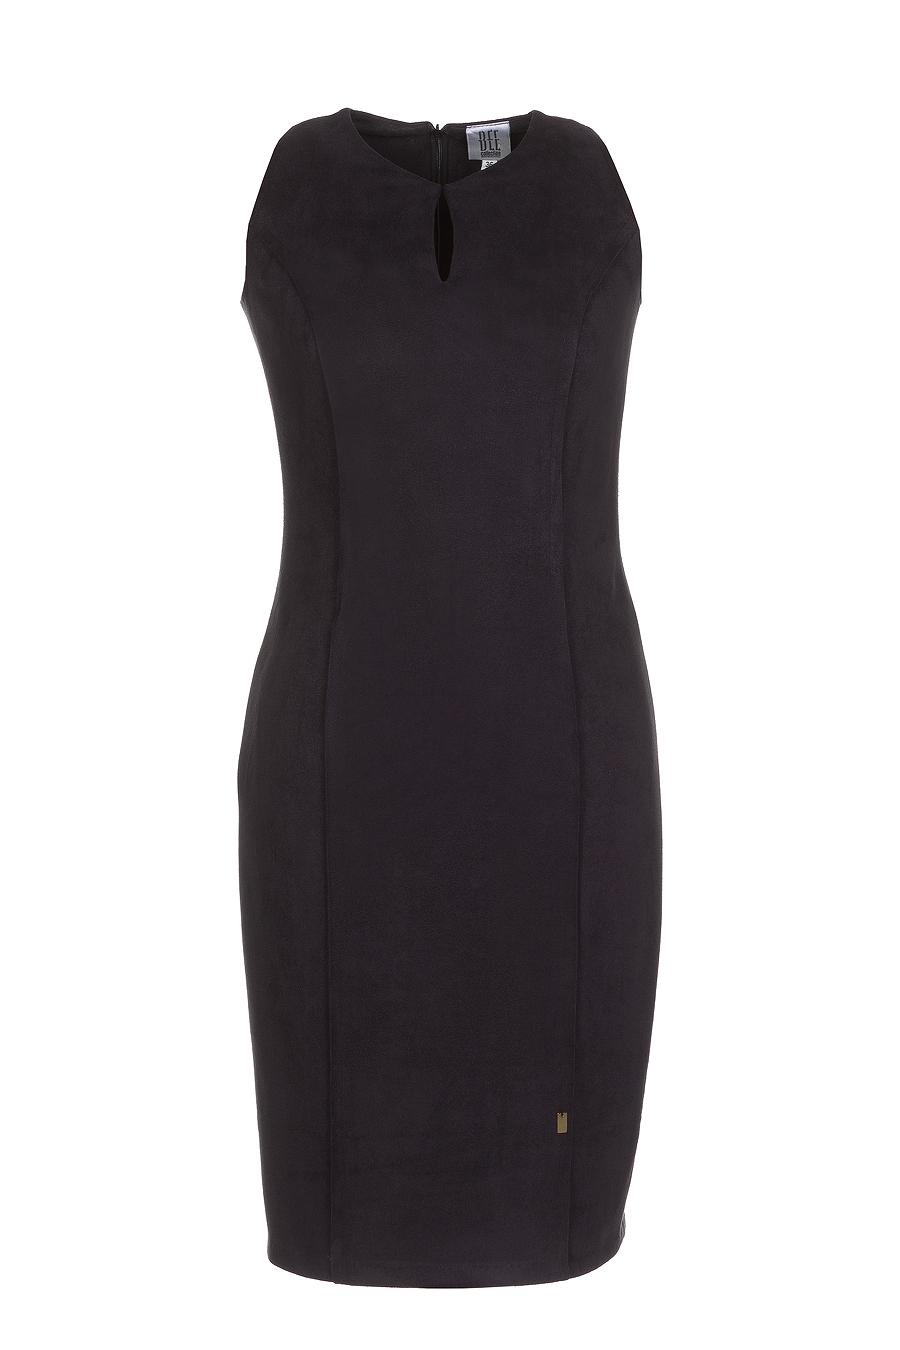 Zamszowa czarna sukienka midi